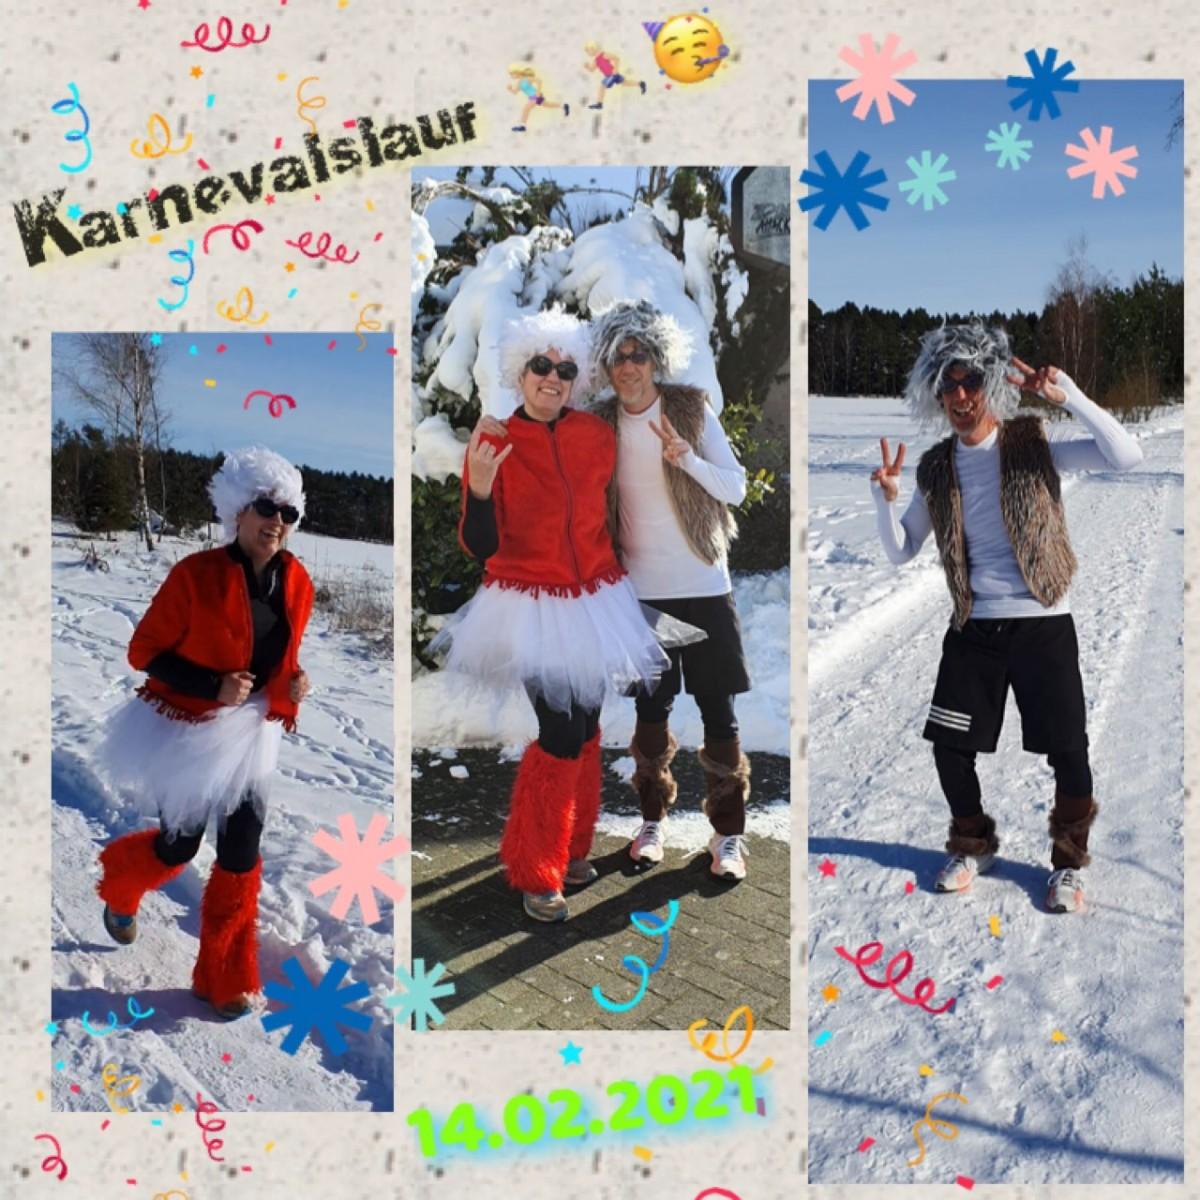 Wollny-Janssen-Yvonne-7-Challenge-Karnevalslauf-LzUrE